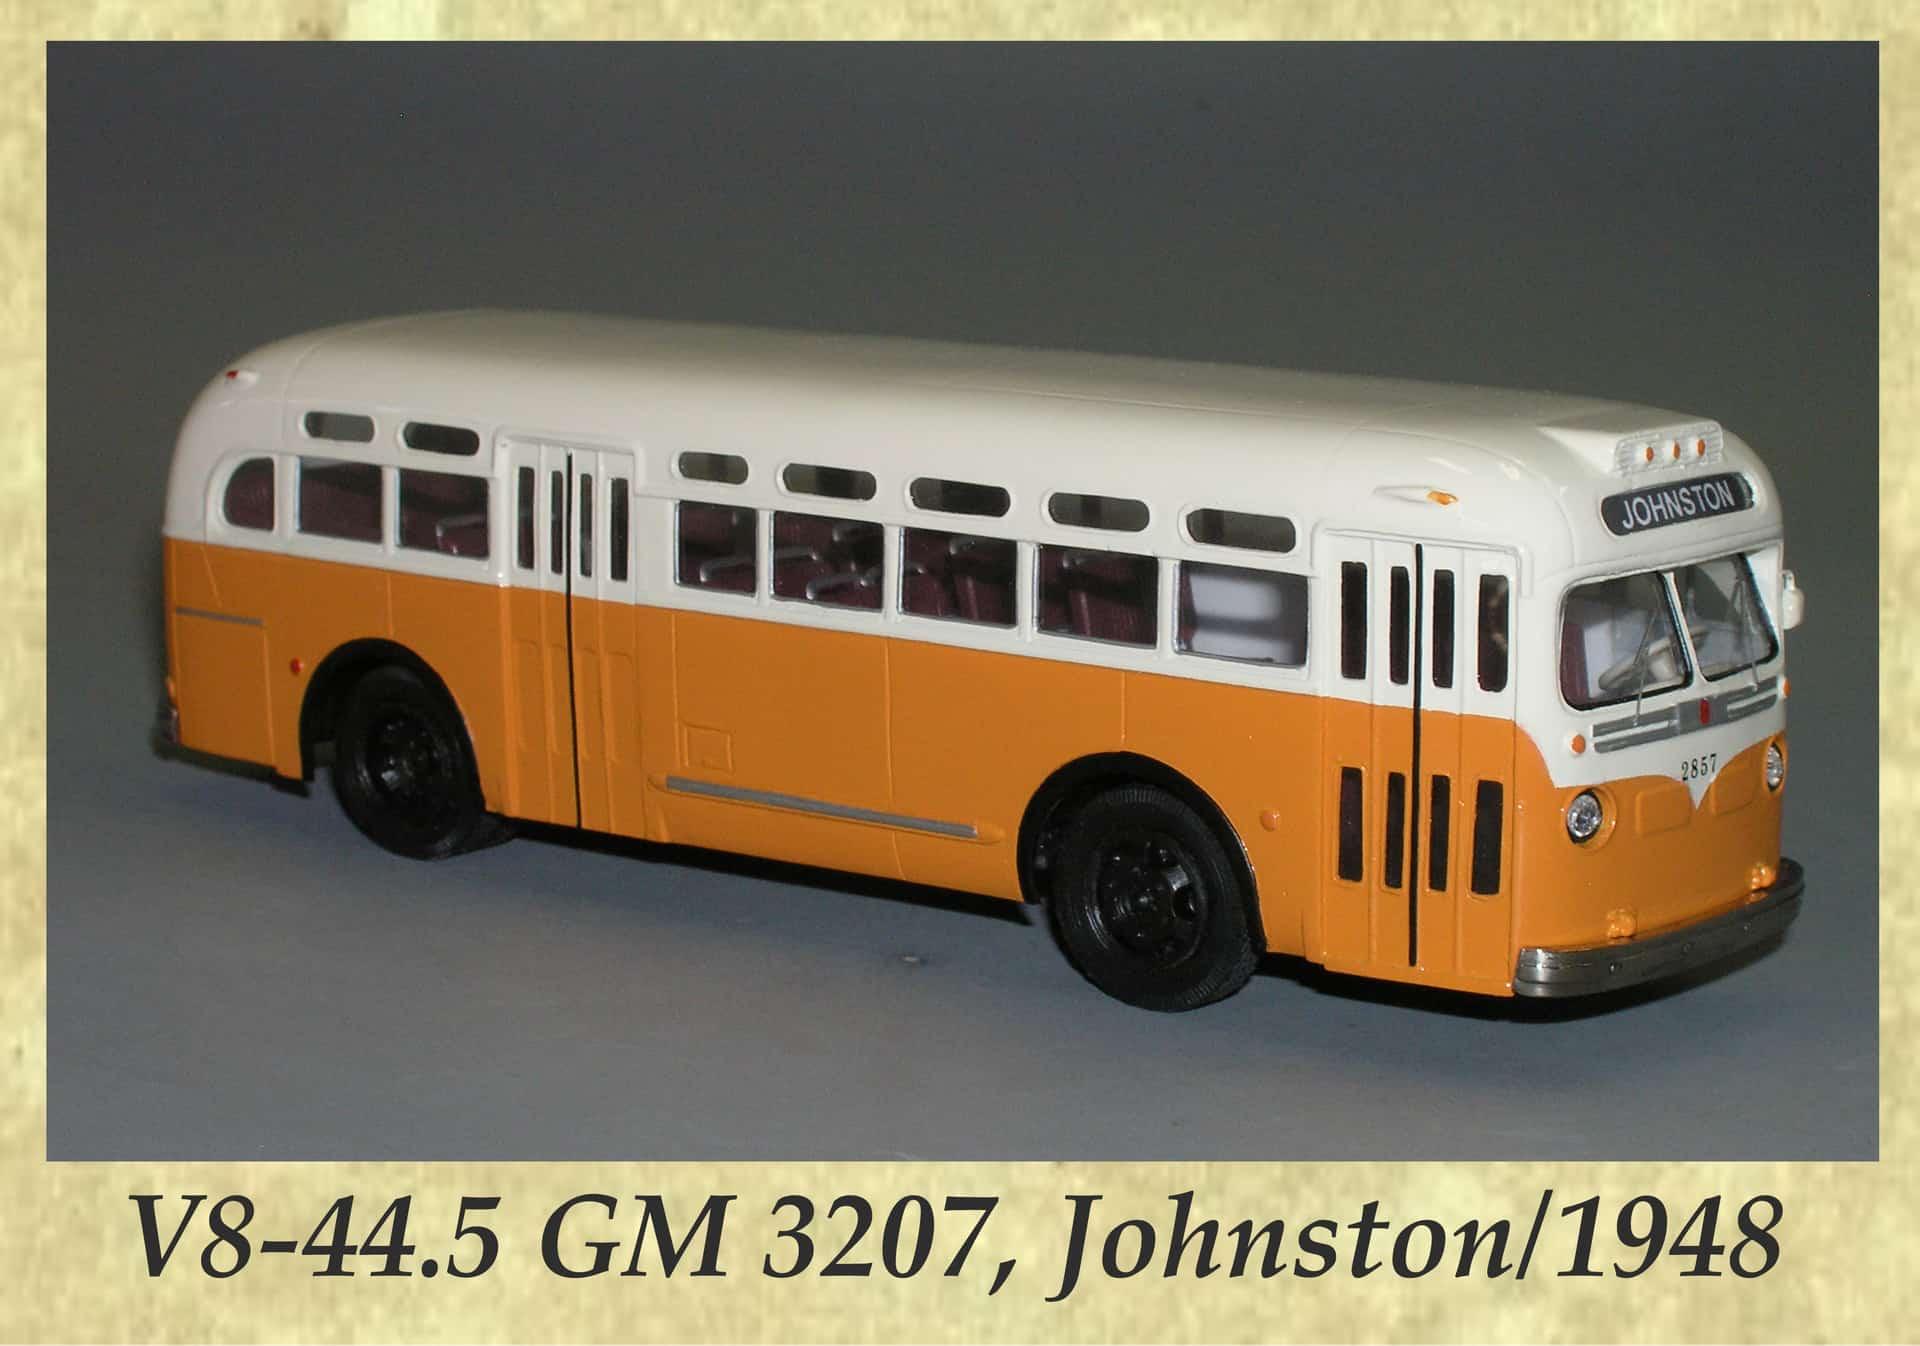 V8-44.5 GM 3207, Johnston 1948